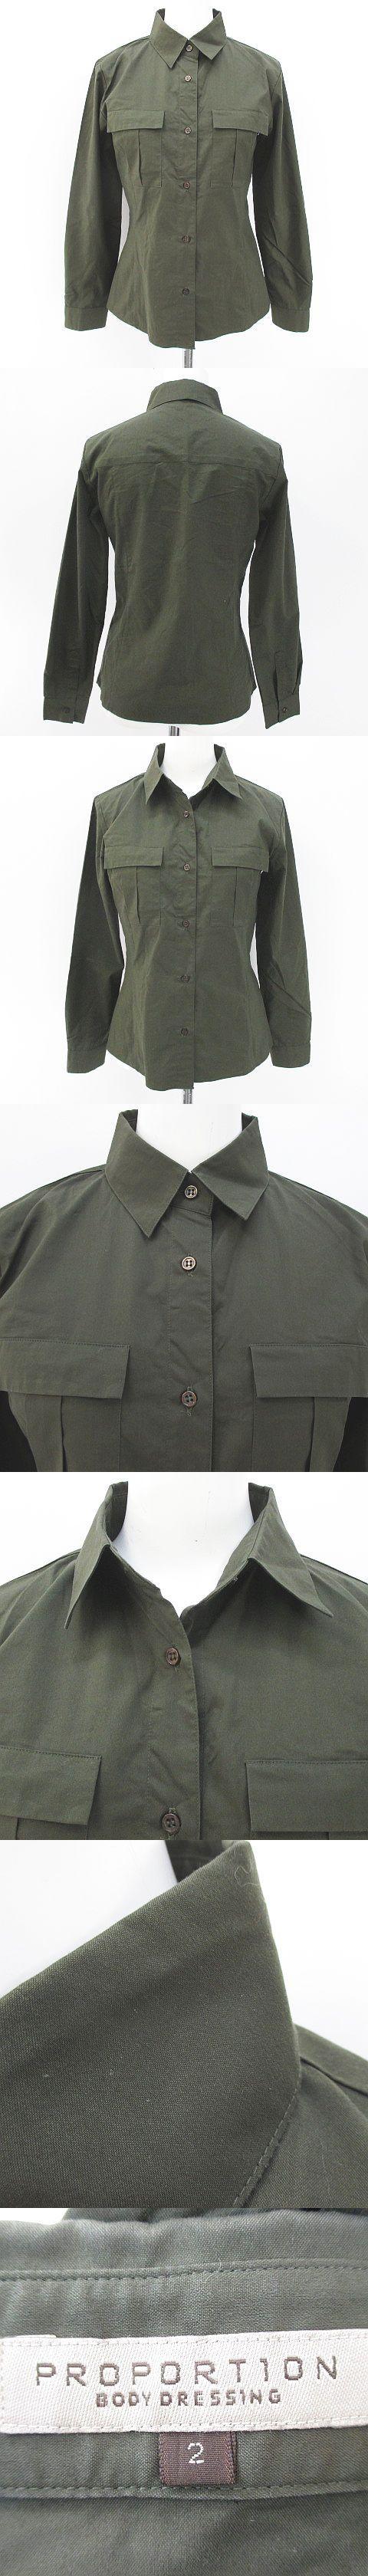 長袖 シャツ ブラウス 2 緑系 グリーン 日本製 胸ポケット ボタン 綿 コットン